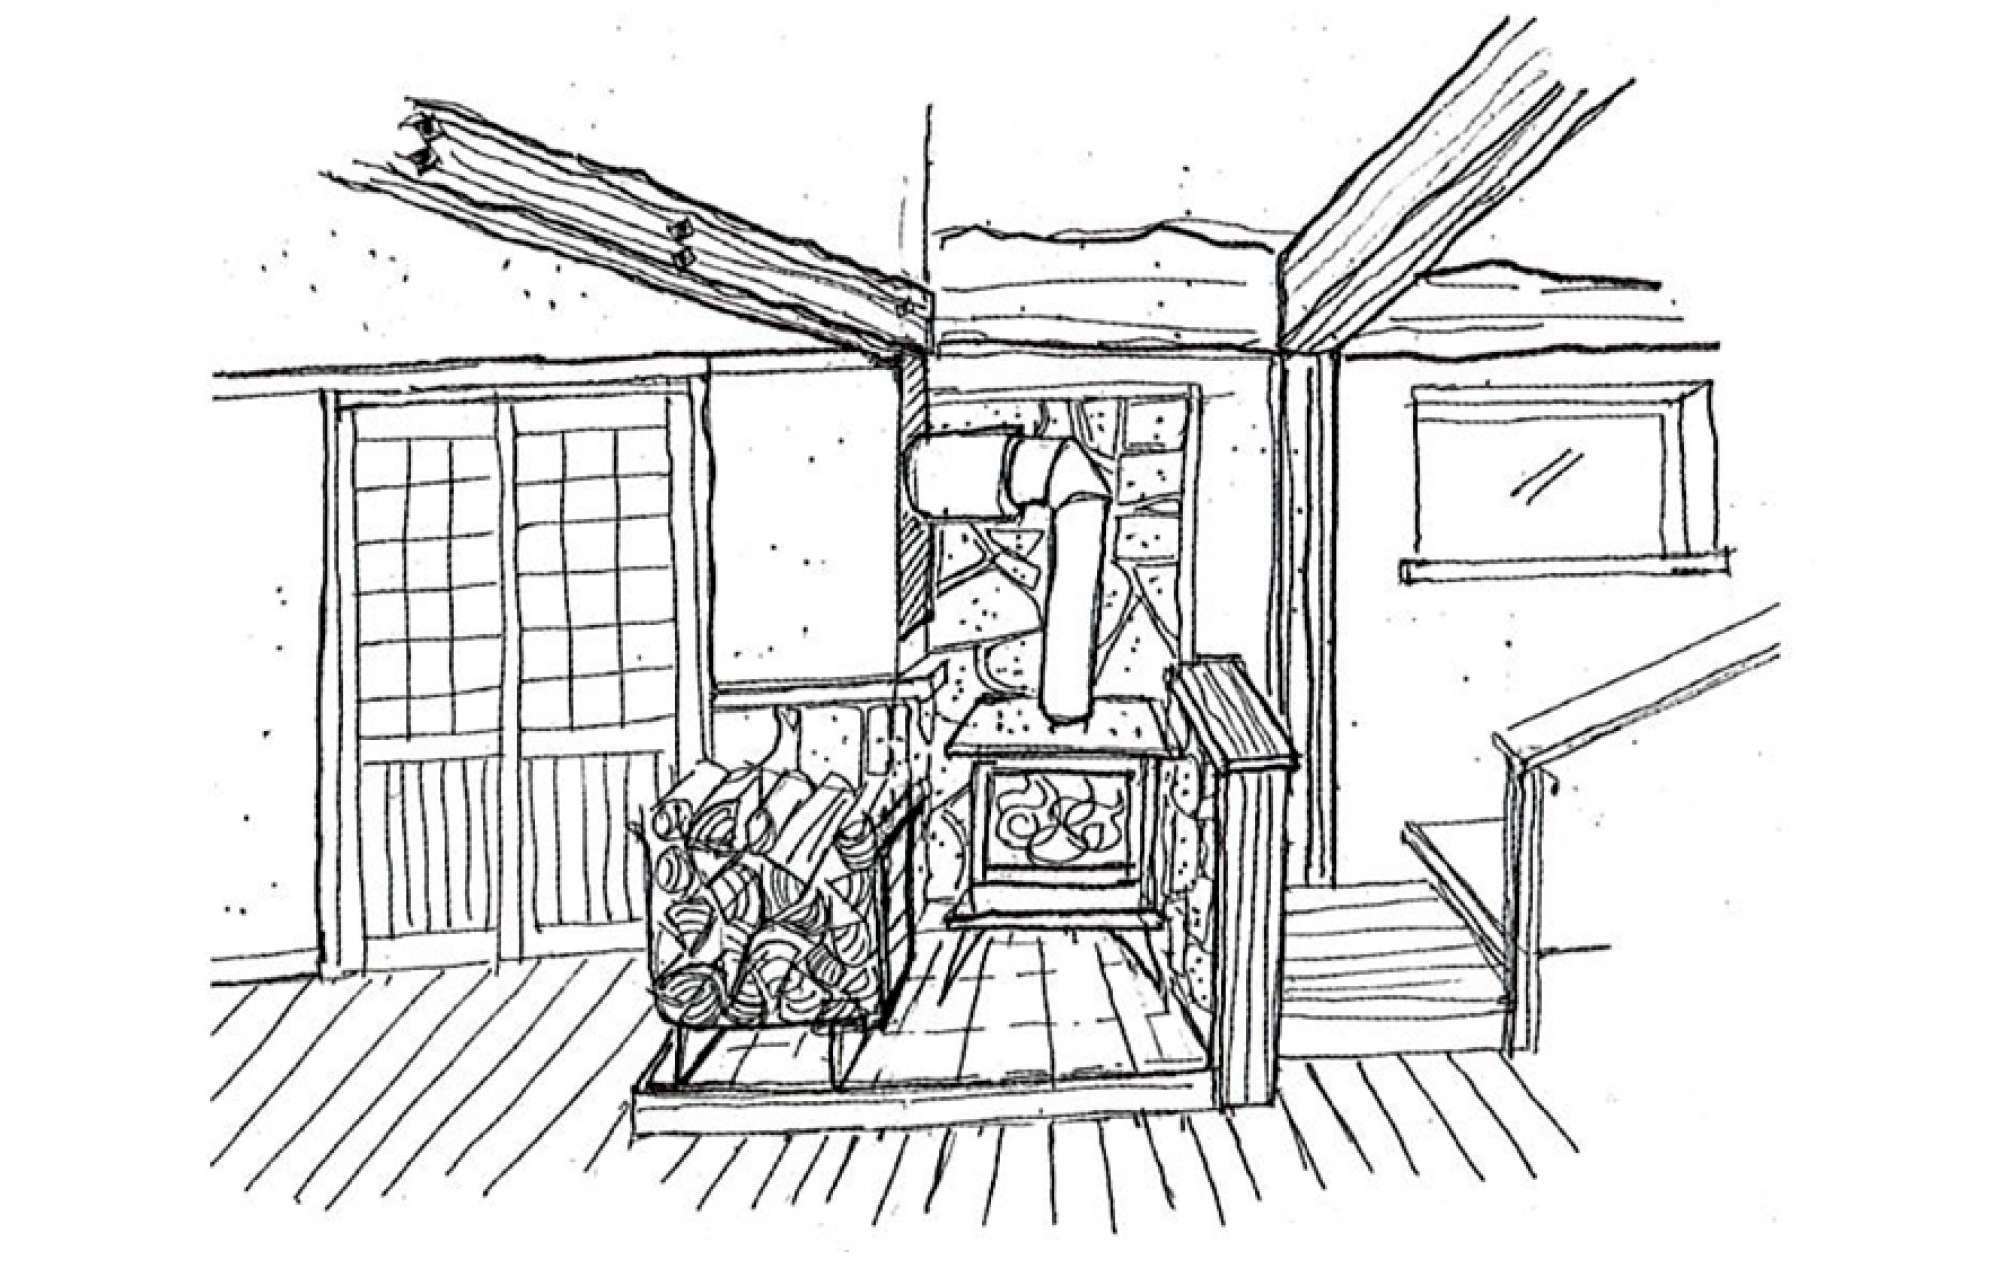 - 新築のお客様で、「新居には薪ストーブをつけたい!」と強く希望されている方がいらっしゃいました。仕事から帰り、自宅で薪ストーブの炎を眺めながらくつろぎたい、という夢があったようです。お客様は薪ストーブのある家を建てるのを、とても楽しみにしており、打合せの内容も薪ストーブが中心になるほどでした。上棟式の際には田舎にいるご両親もいらっしゃっていました。するとお母さんが私に「薪ストーブなんて困るんだけど!」と訴えてきました。息子さんはとても喜んでいるし、今更はずすわけにはいかないなぁと思いながら、なおも話を聞くと「薪ストーブなんてつけたら、これから私たちが薪を集めてあげないといけないじゃない」と、気のせいか、少しうれしそう。家が完成してから、ご両親は近所の農家の納屋をのぞき、薪が置いてあると持ち主さんに交渉して薪を分けてもらい、息子さんの家に届けているそうです。薪を集めるお母さんの苦労話を聞きながら、再び子どもの世話をすることになったお母さんの姿が、とてもたくましく、輝いて見えました。カサシマ -  -